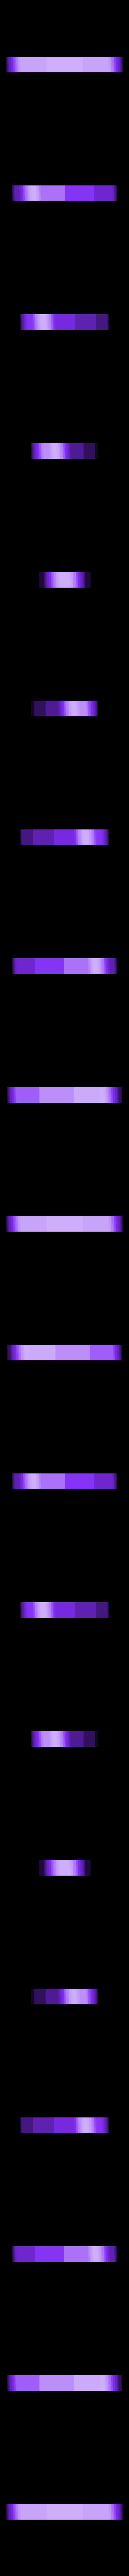 BLTouch_Spacer_3.5mm.STL Télécharger fichier STL gratuit Un support d'extrudeuse Stock-ish pour Anet A8 et Alike ! (Inclut la chaîne et la monture ou sans chaîne !) • Objet pour impression 3D, MorganLowe